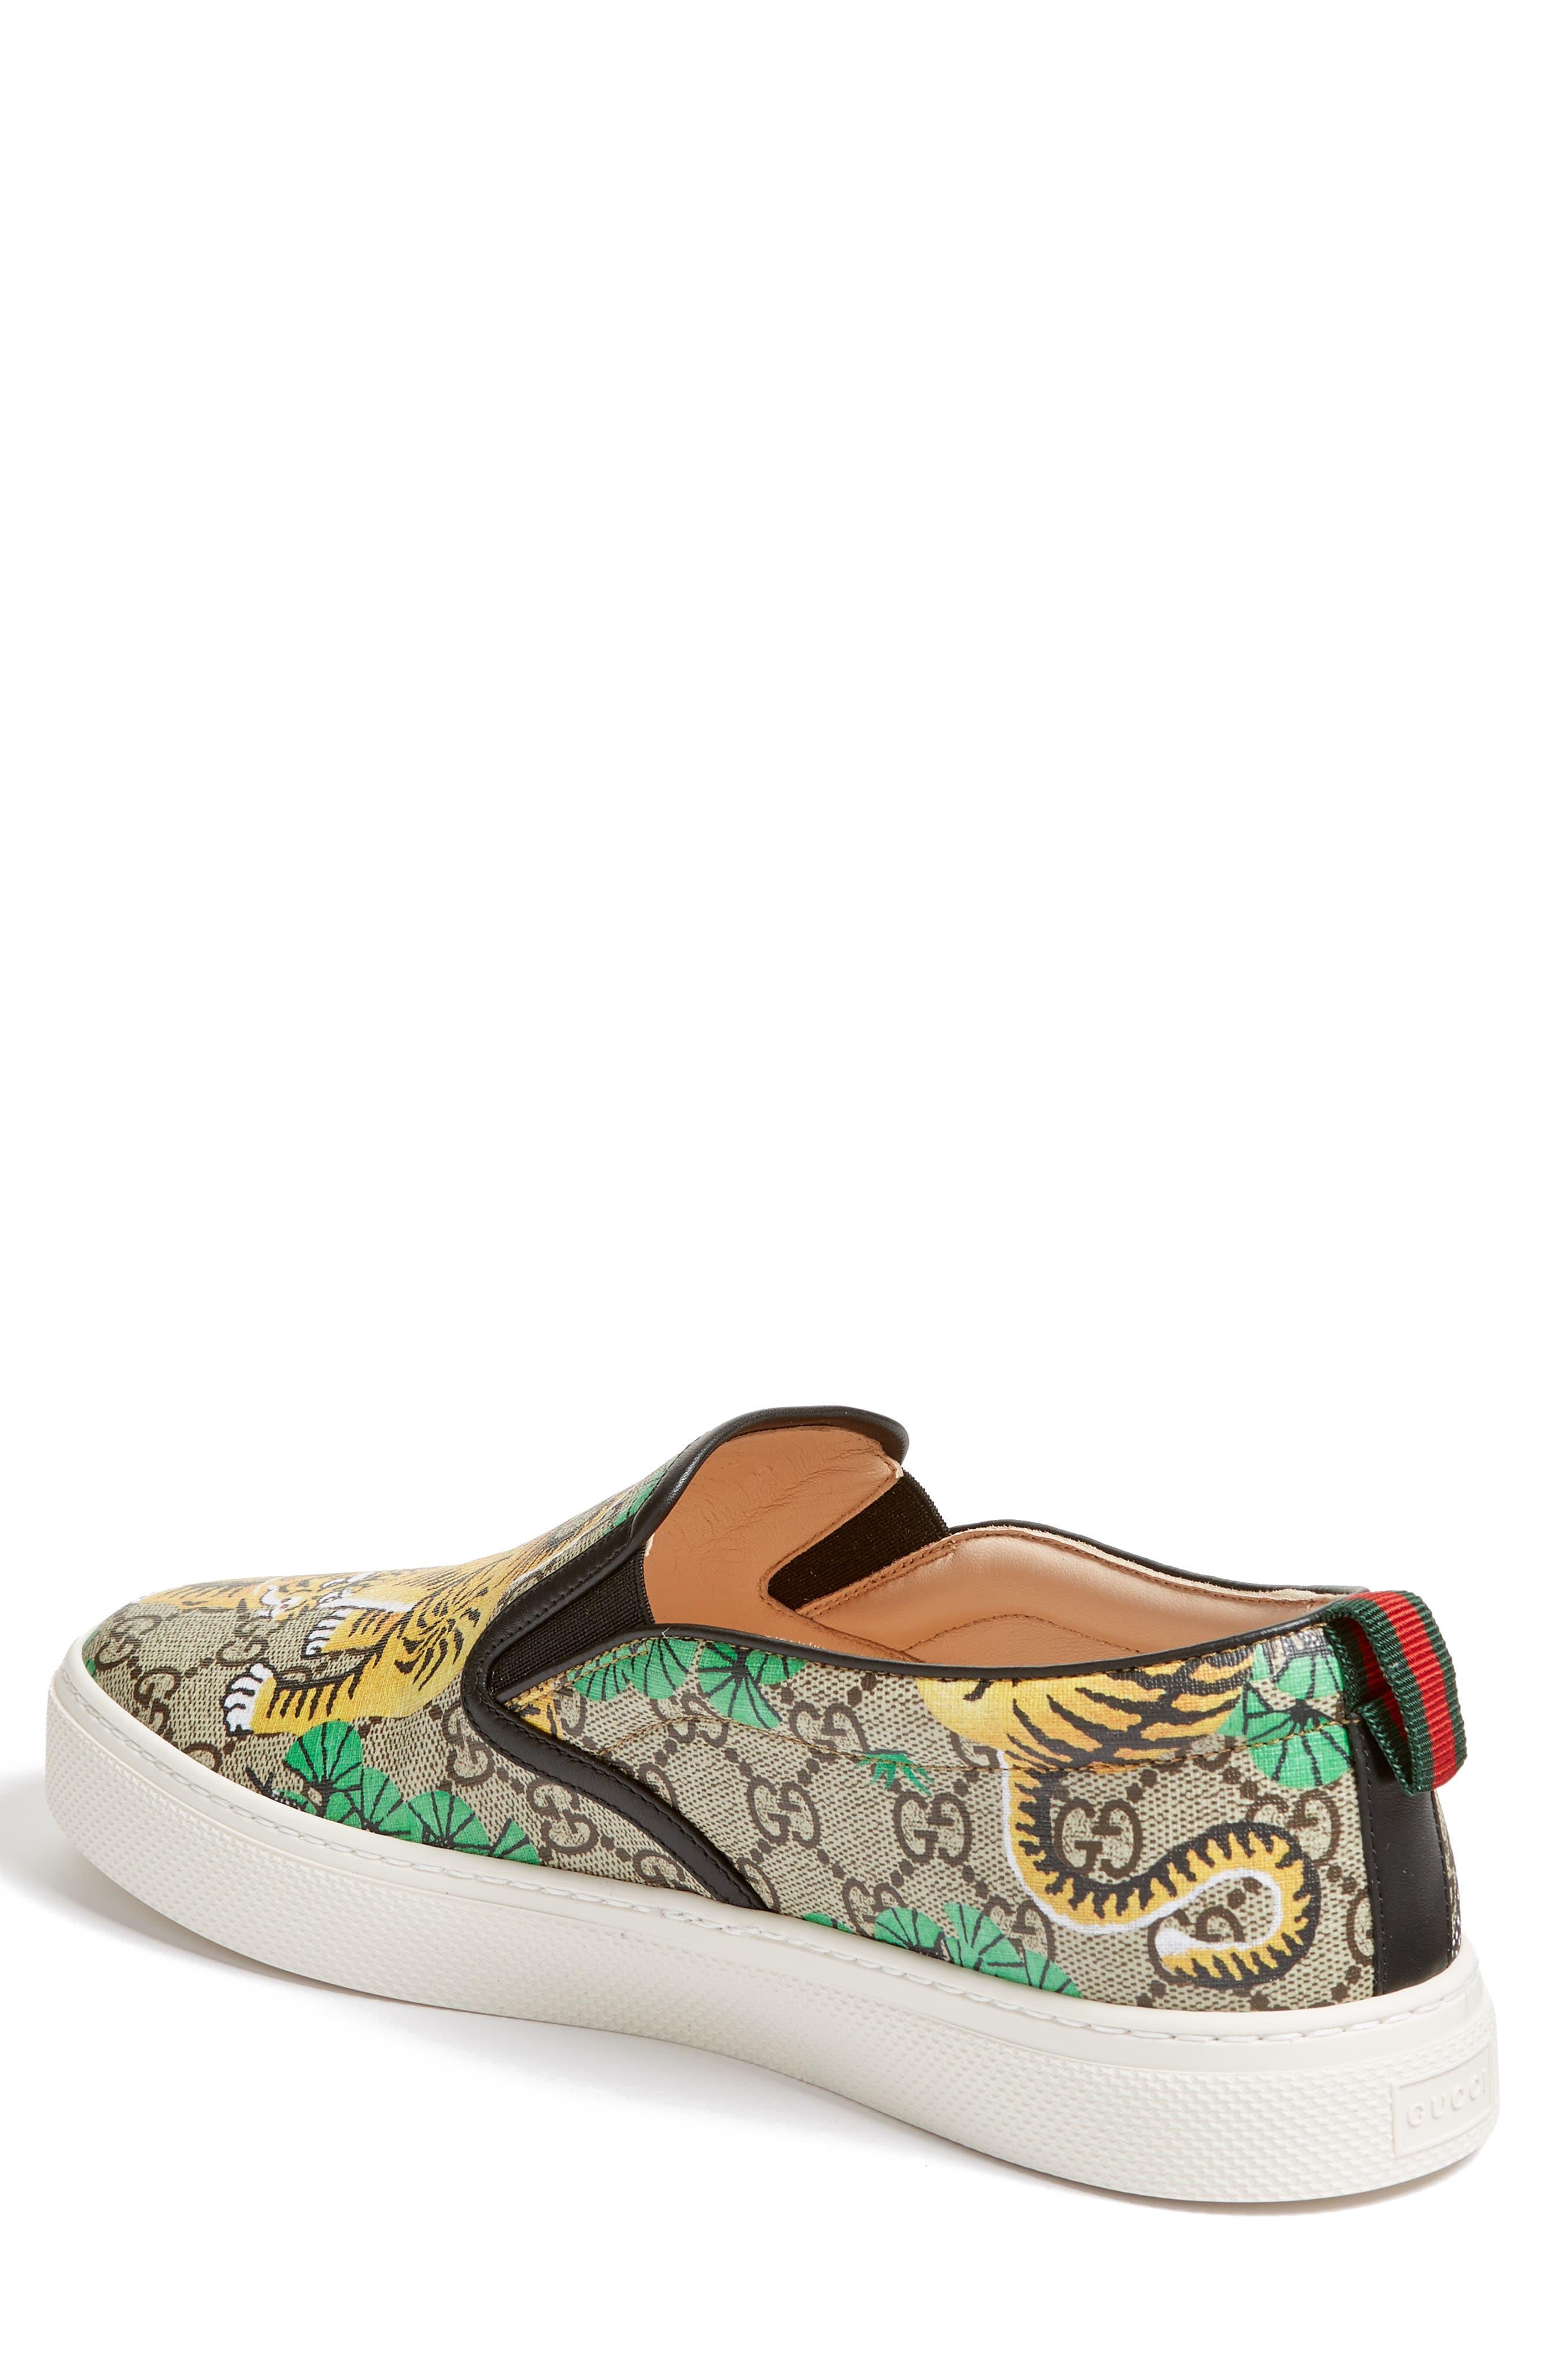 Dublin Slip-On Sneaker,                             Alternate thumbnail 35, color,